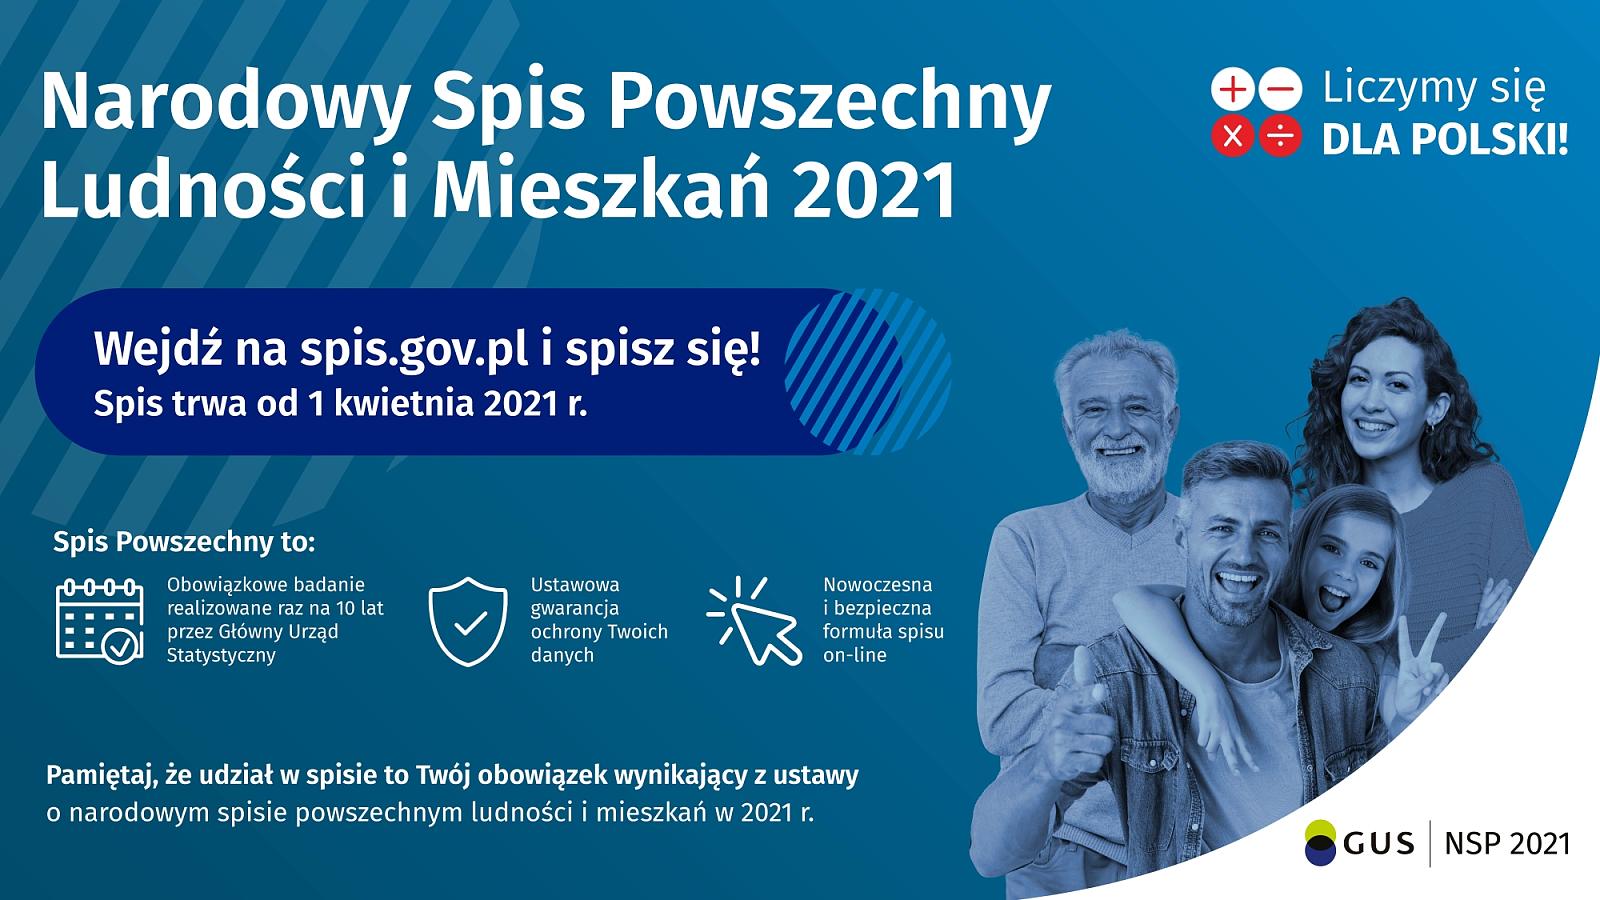 Narodowy Spis Powszechny Ludności i Mieszkań 2021 - warto wiedzieć